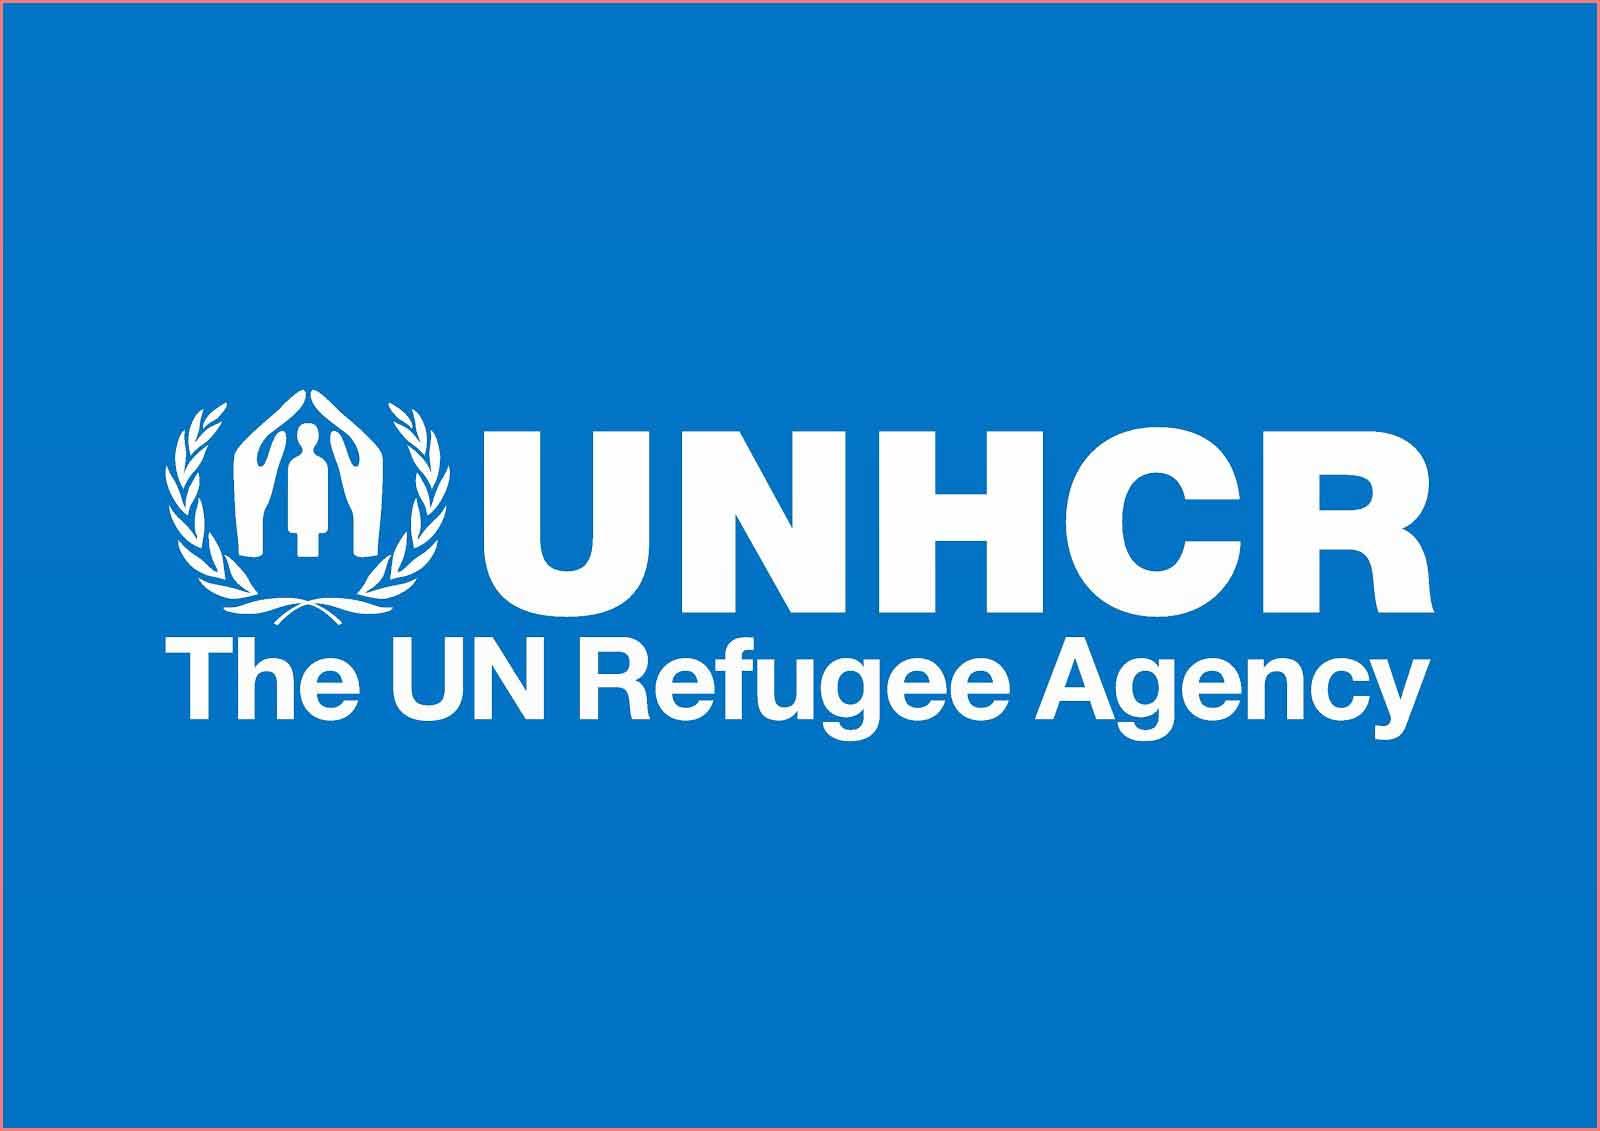 اللجوء عن طريق المفوضية للسوريين